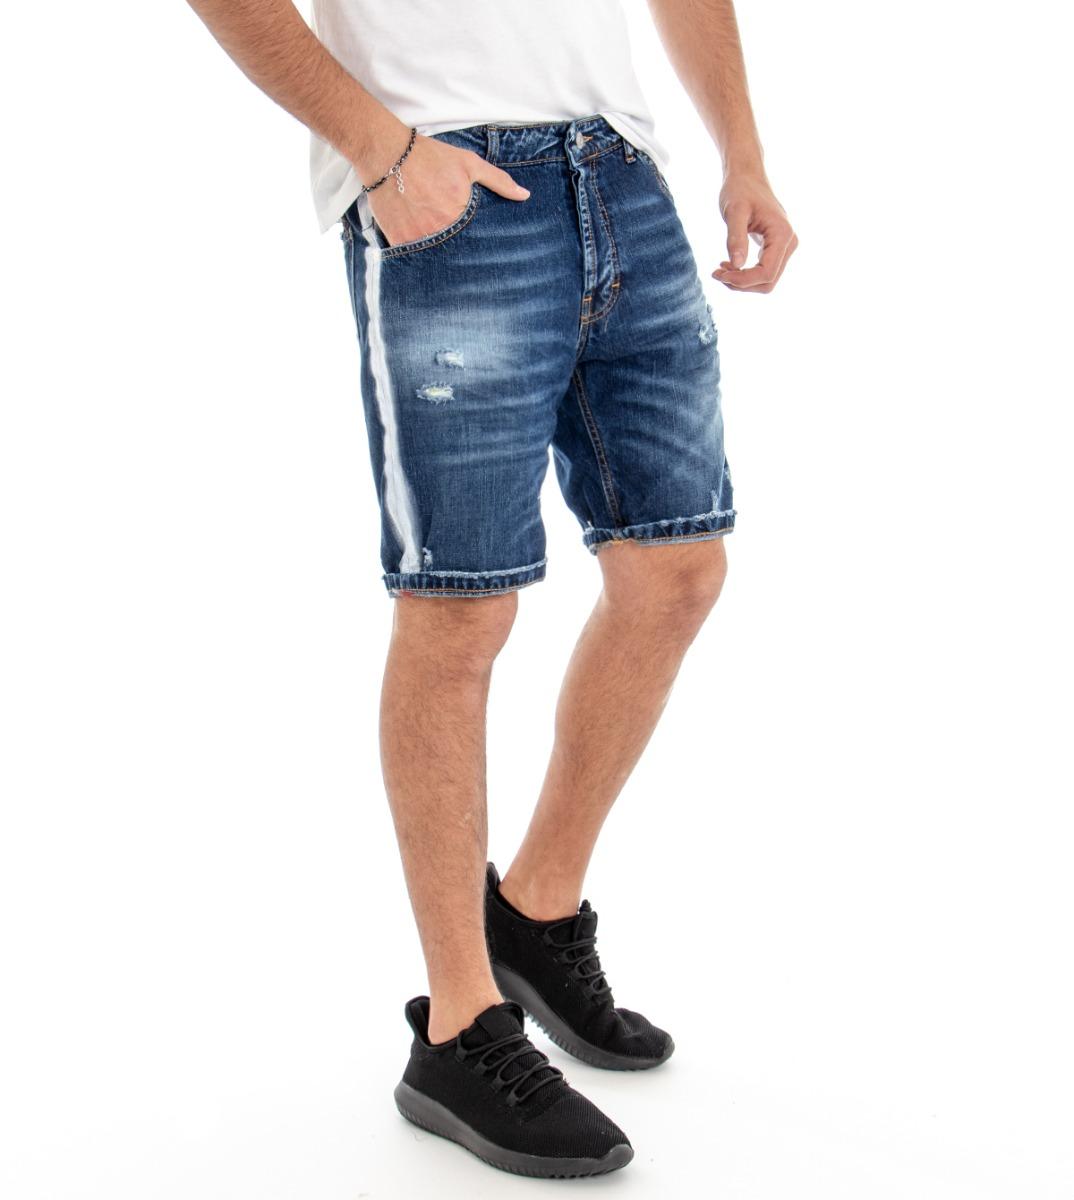 Generoso Bermuda Jeans Uomo Pantaloncini Denim Riga Laterale Slim Cinque Tasche Giosal